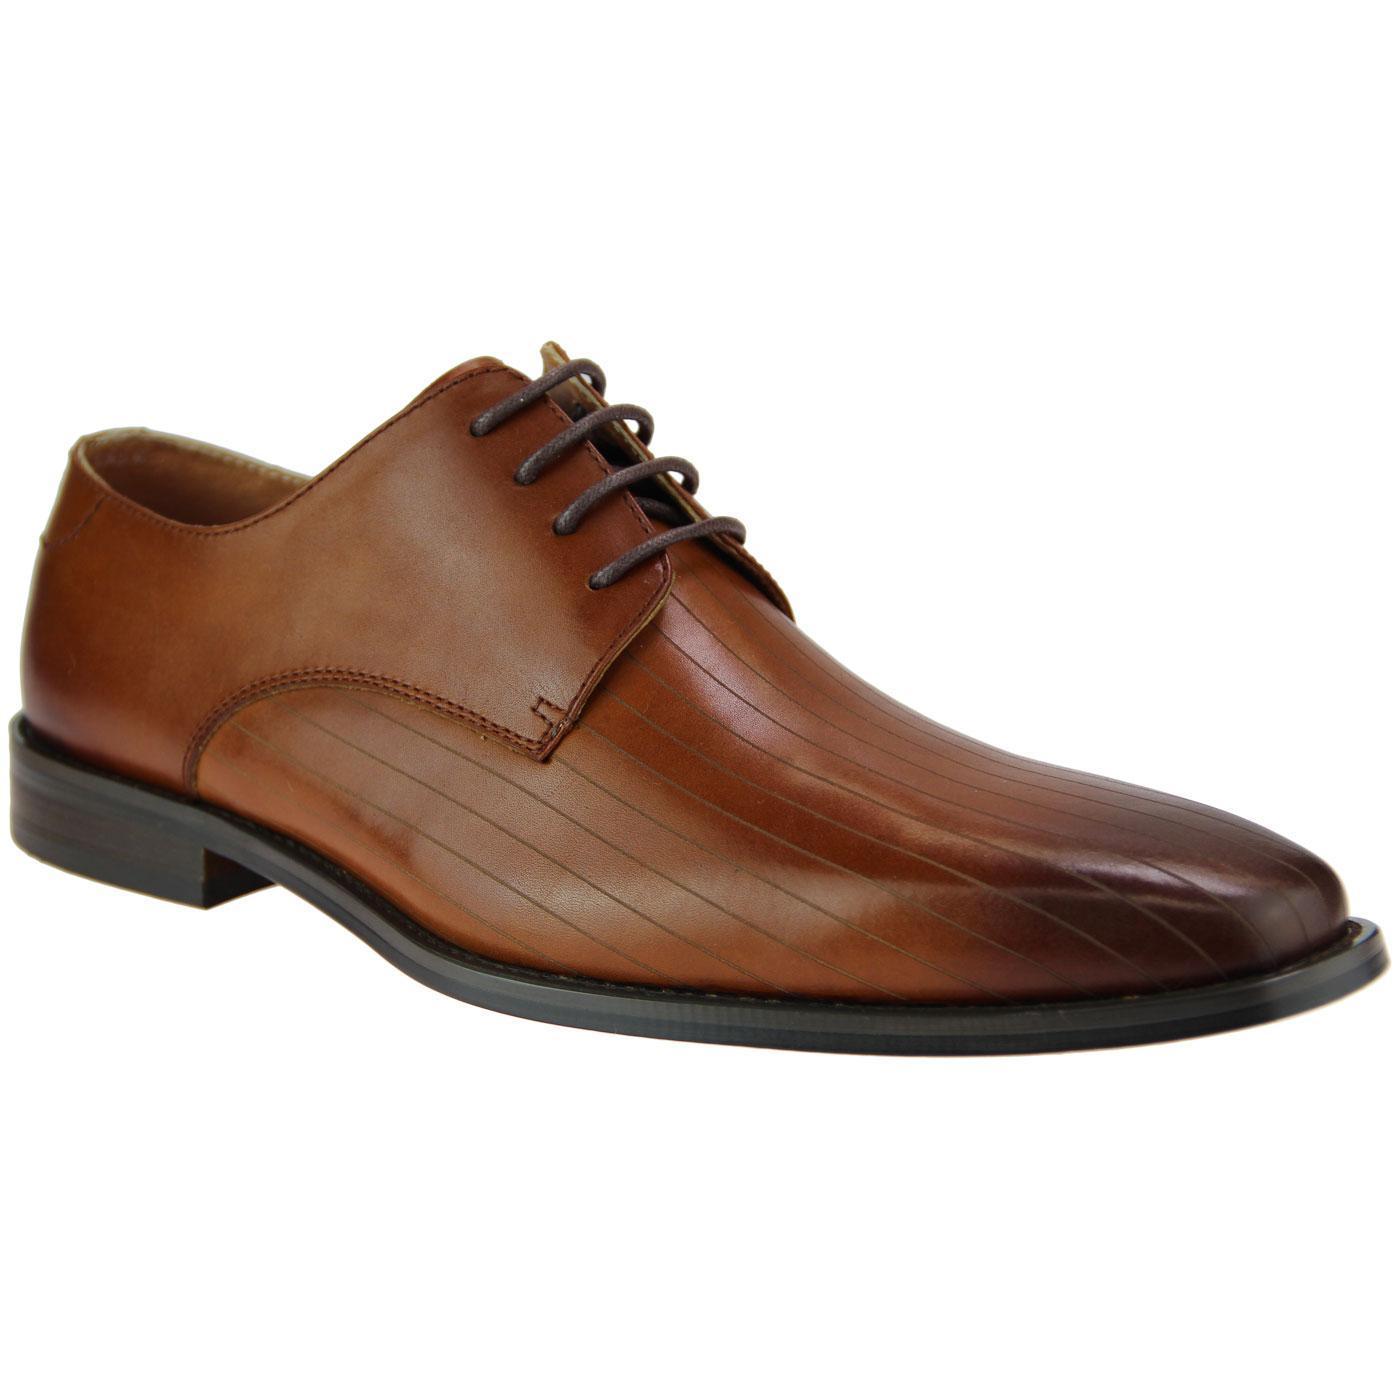 Crusoe PAOLO VANDINI Mod Pinstripe Derby Shoes TAN